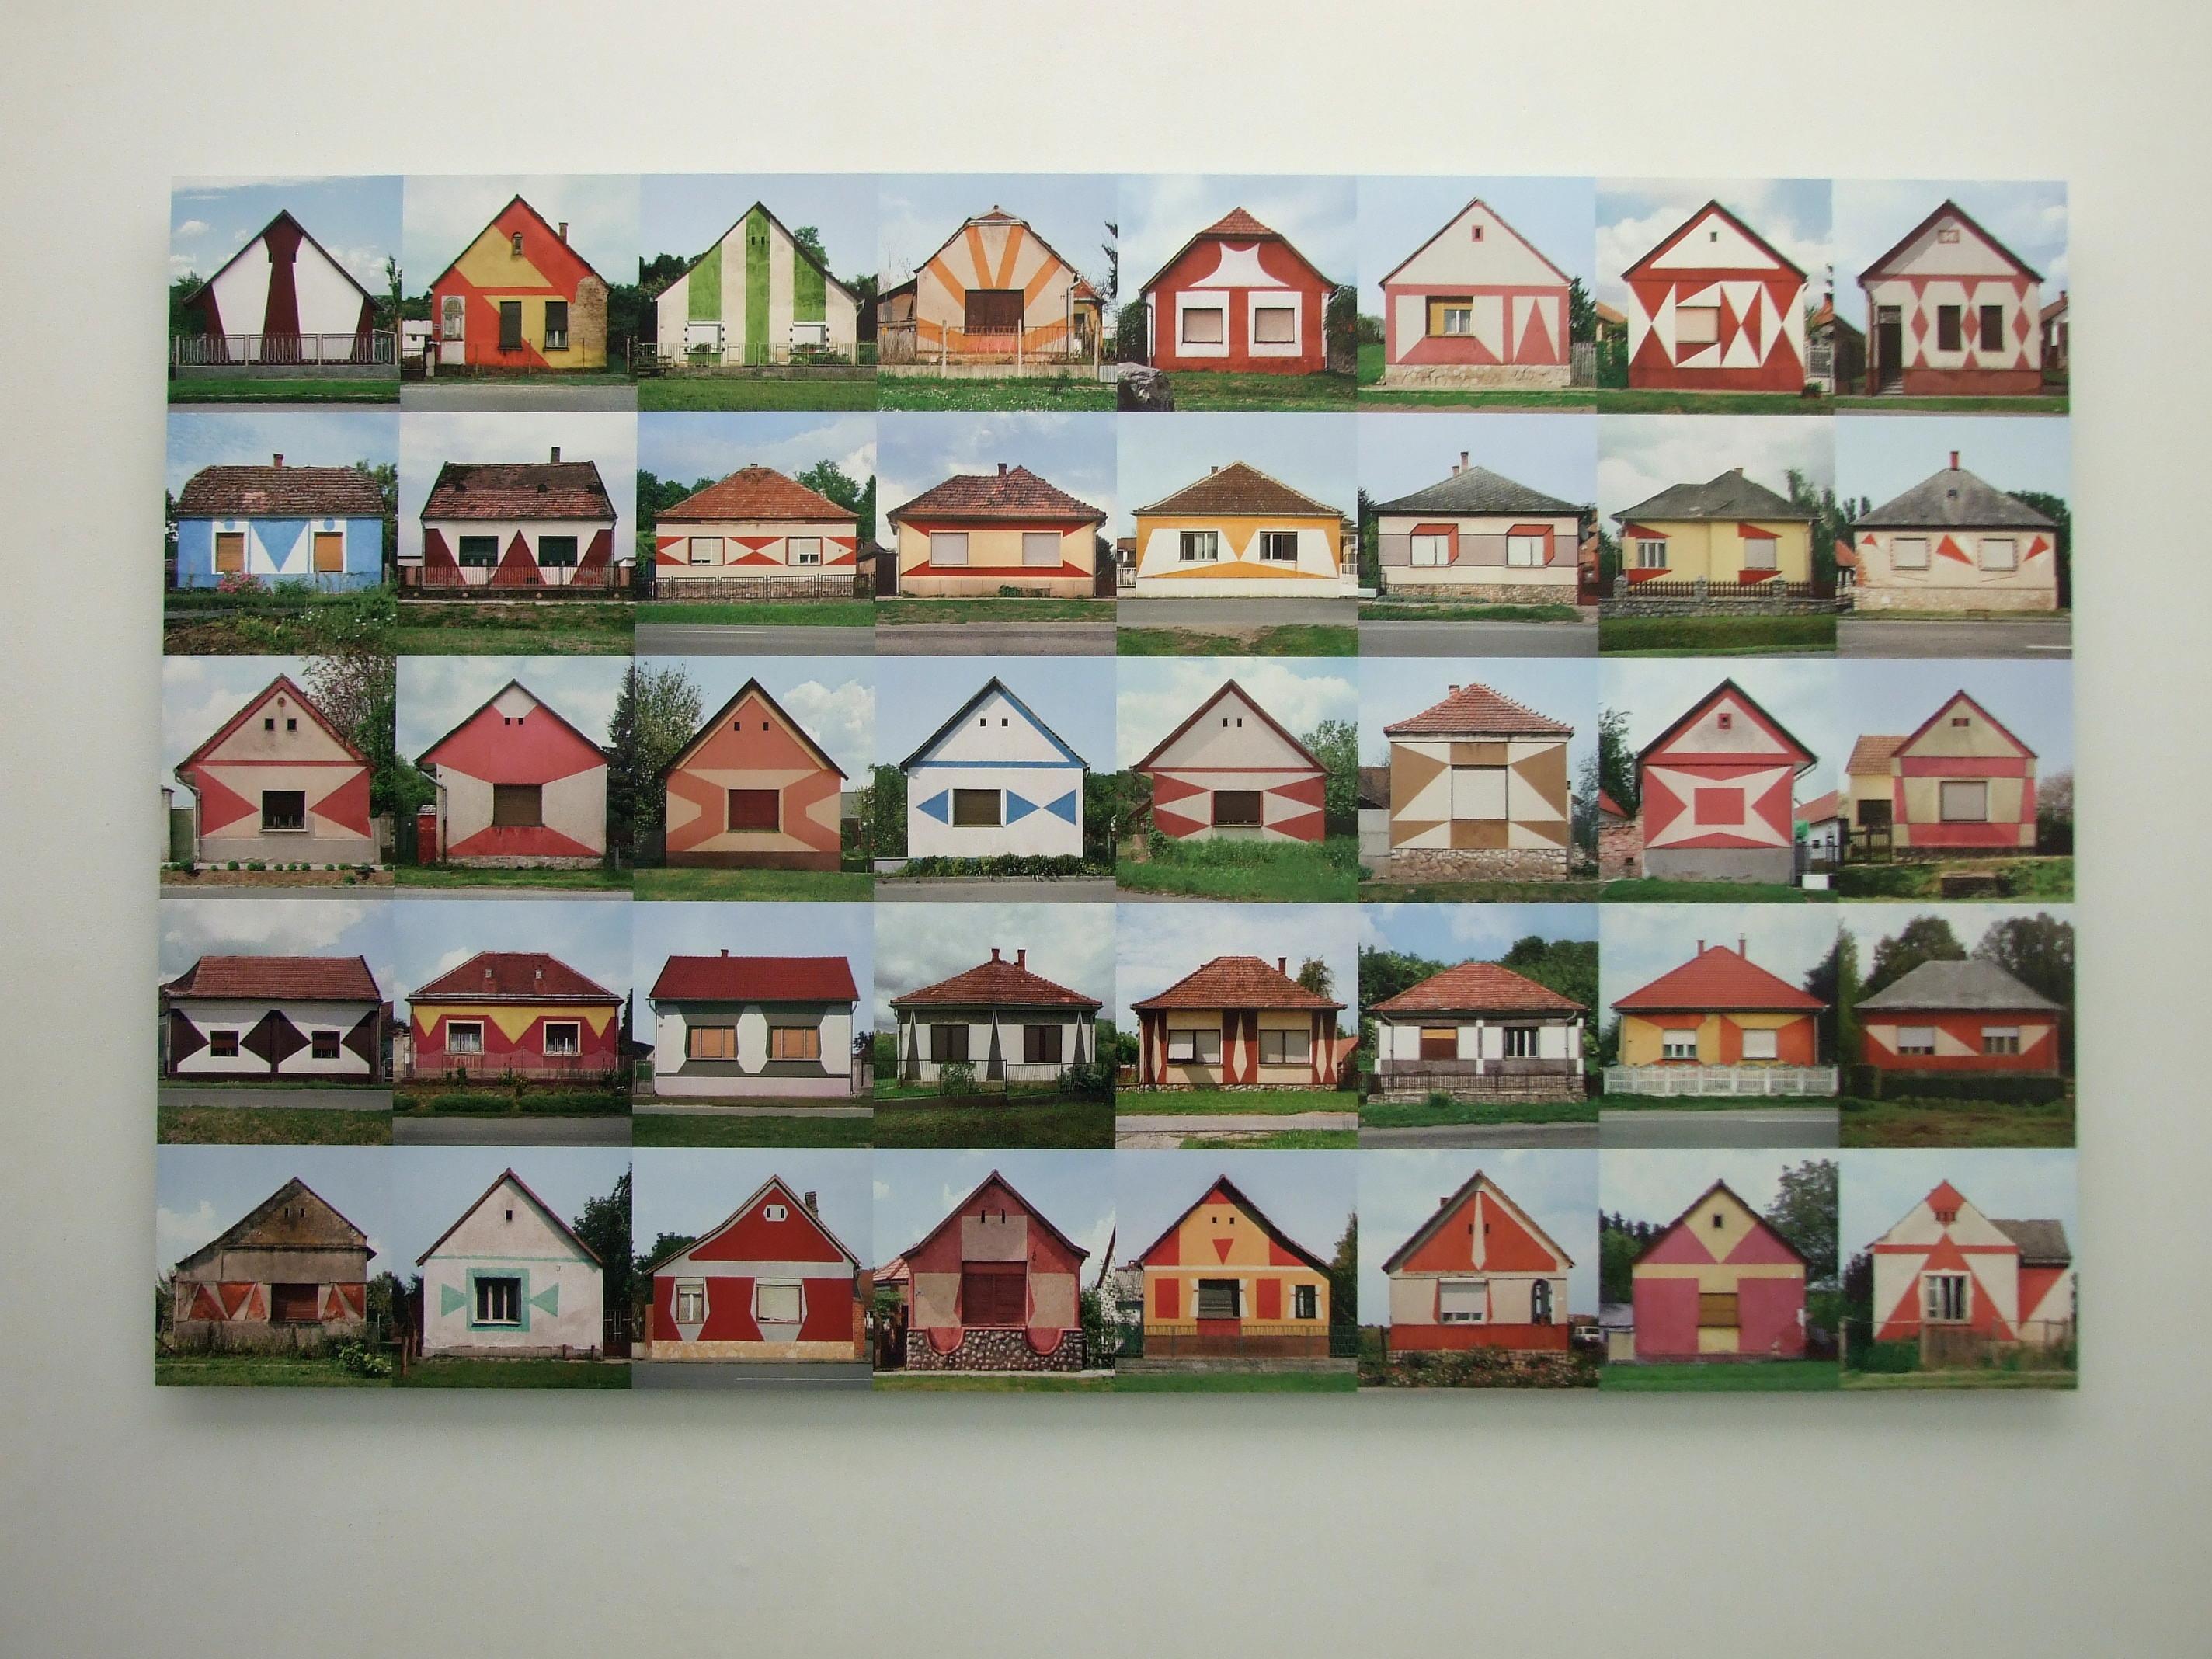 Kockaházak fotósa az Acb Galériában